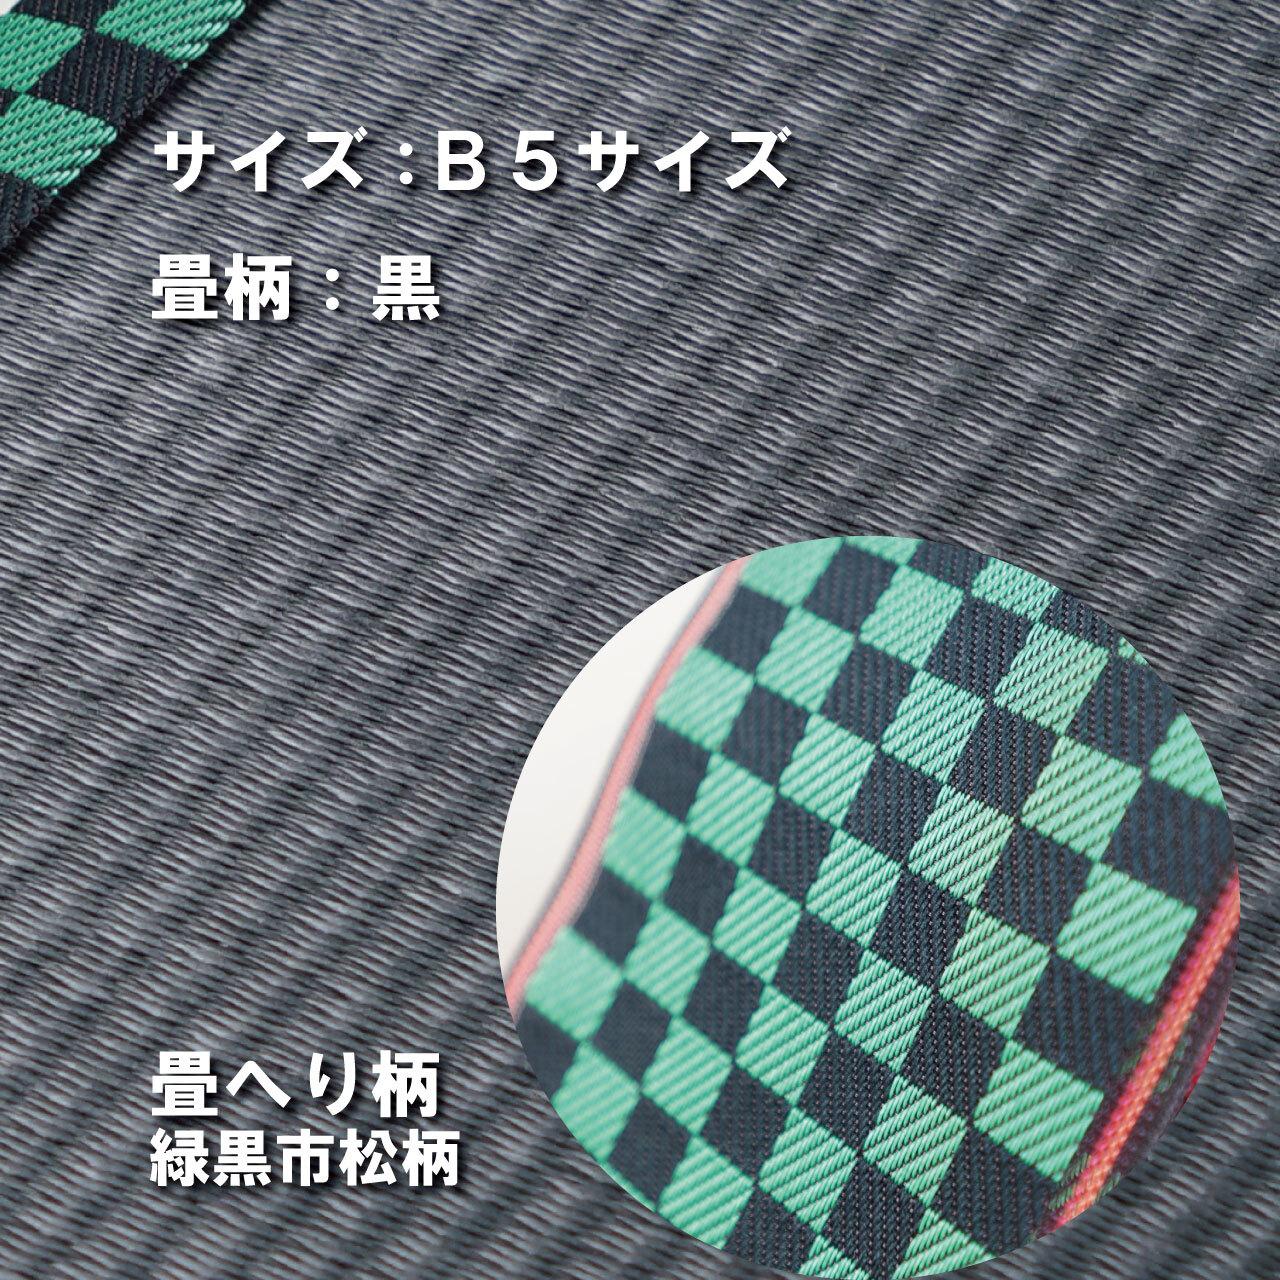 ミニ畳台 フィギア台や小物置きに♪ B5サイズ 畳:黒 縁の柄:緑黒市松柄 B5B006